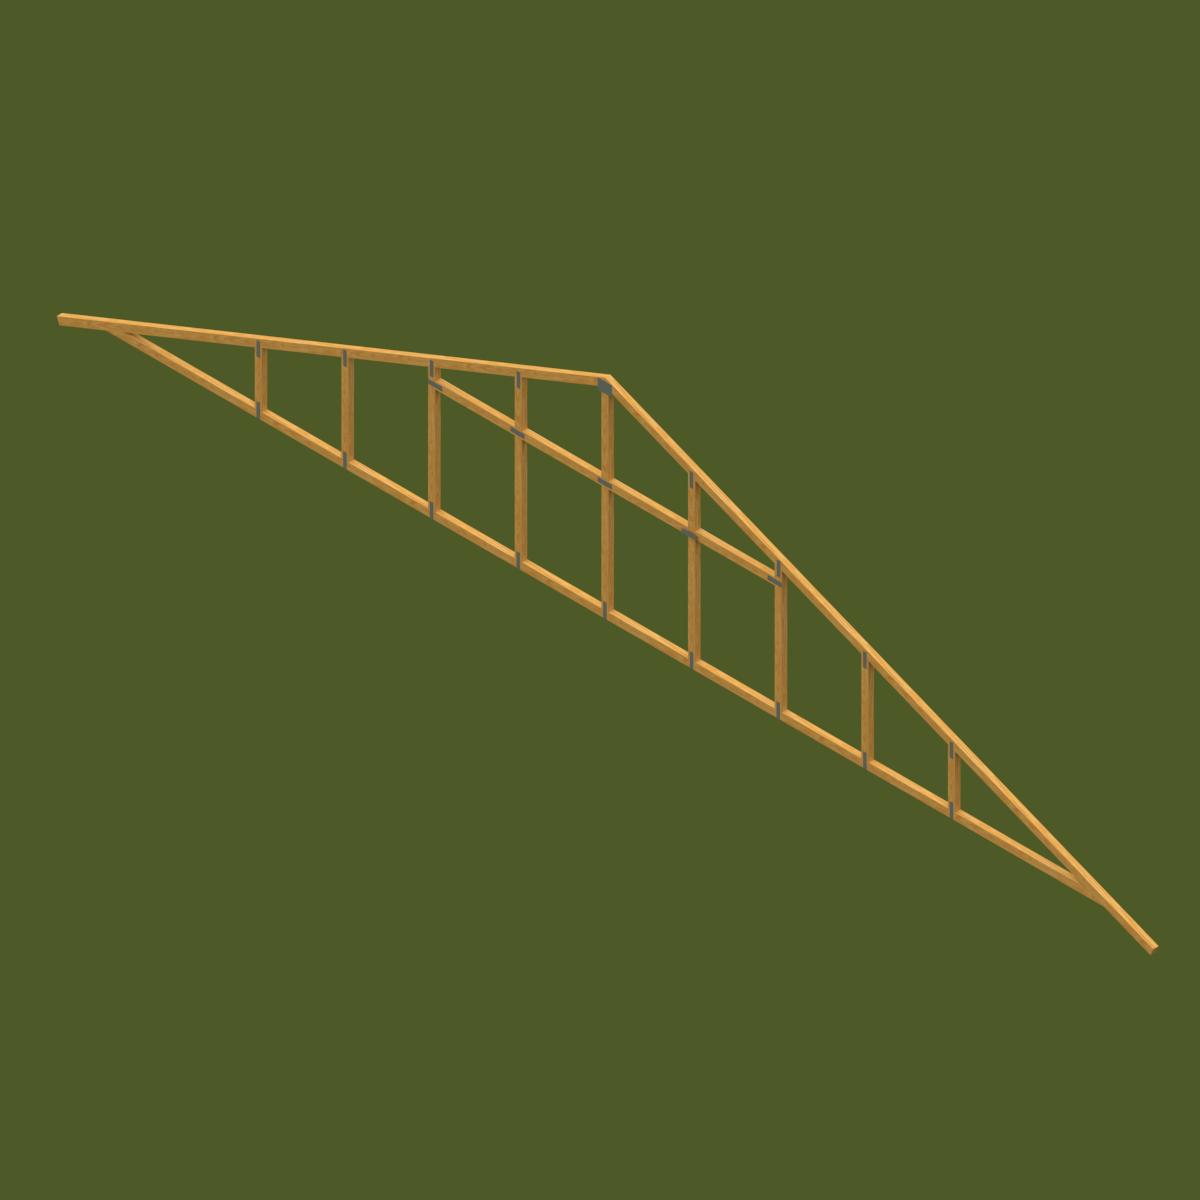 Fronton Madera Prefabricado